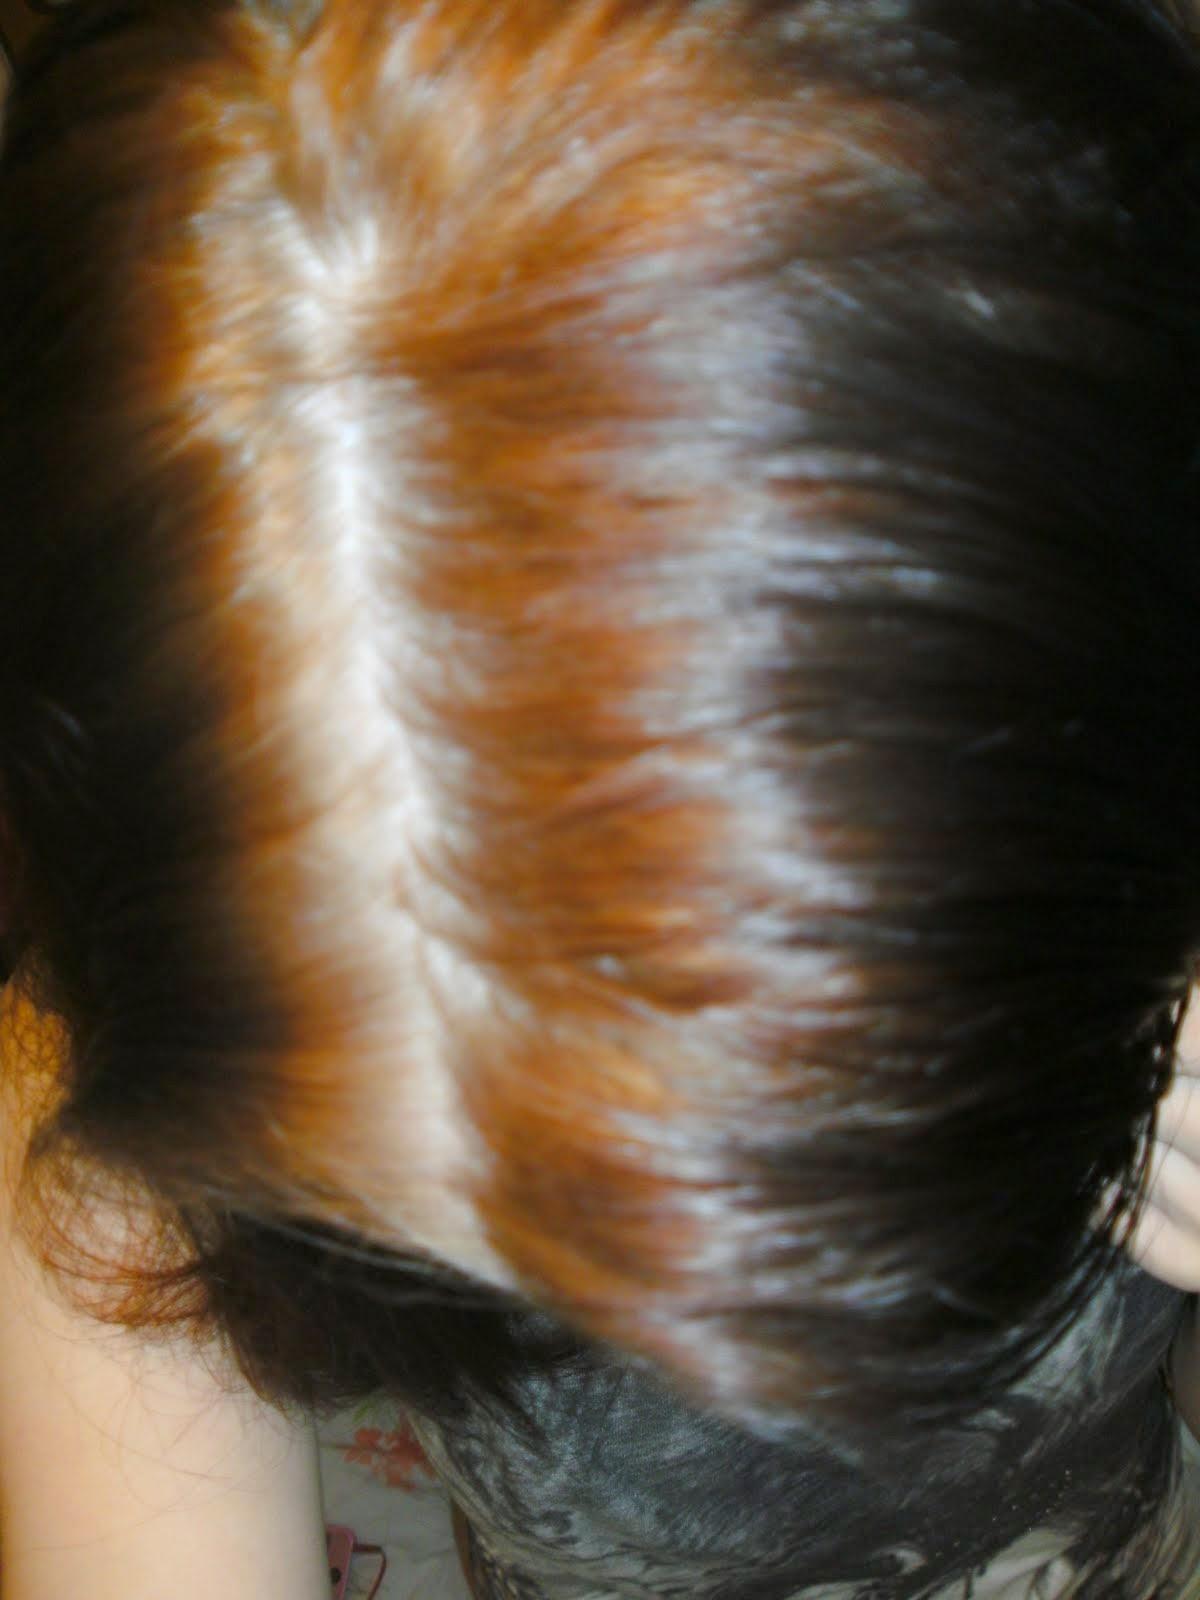 La pigmentación sobre la persona la enfermedad